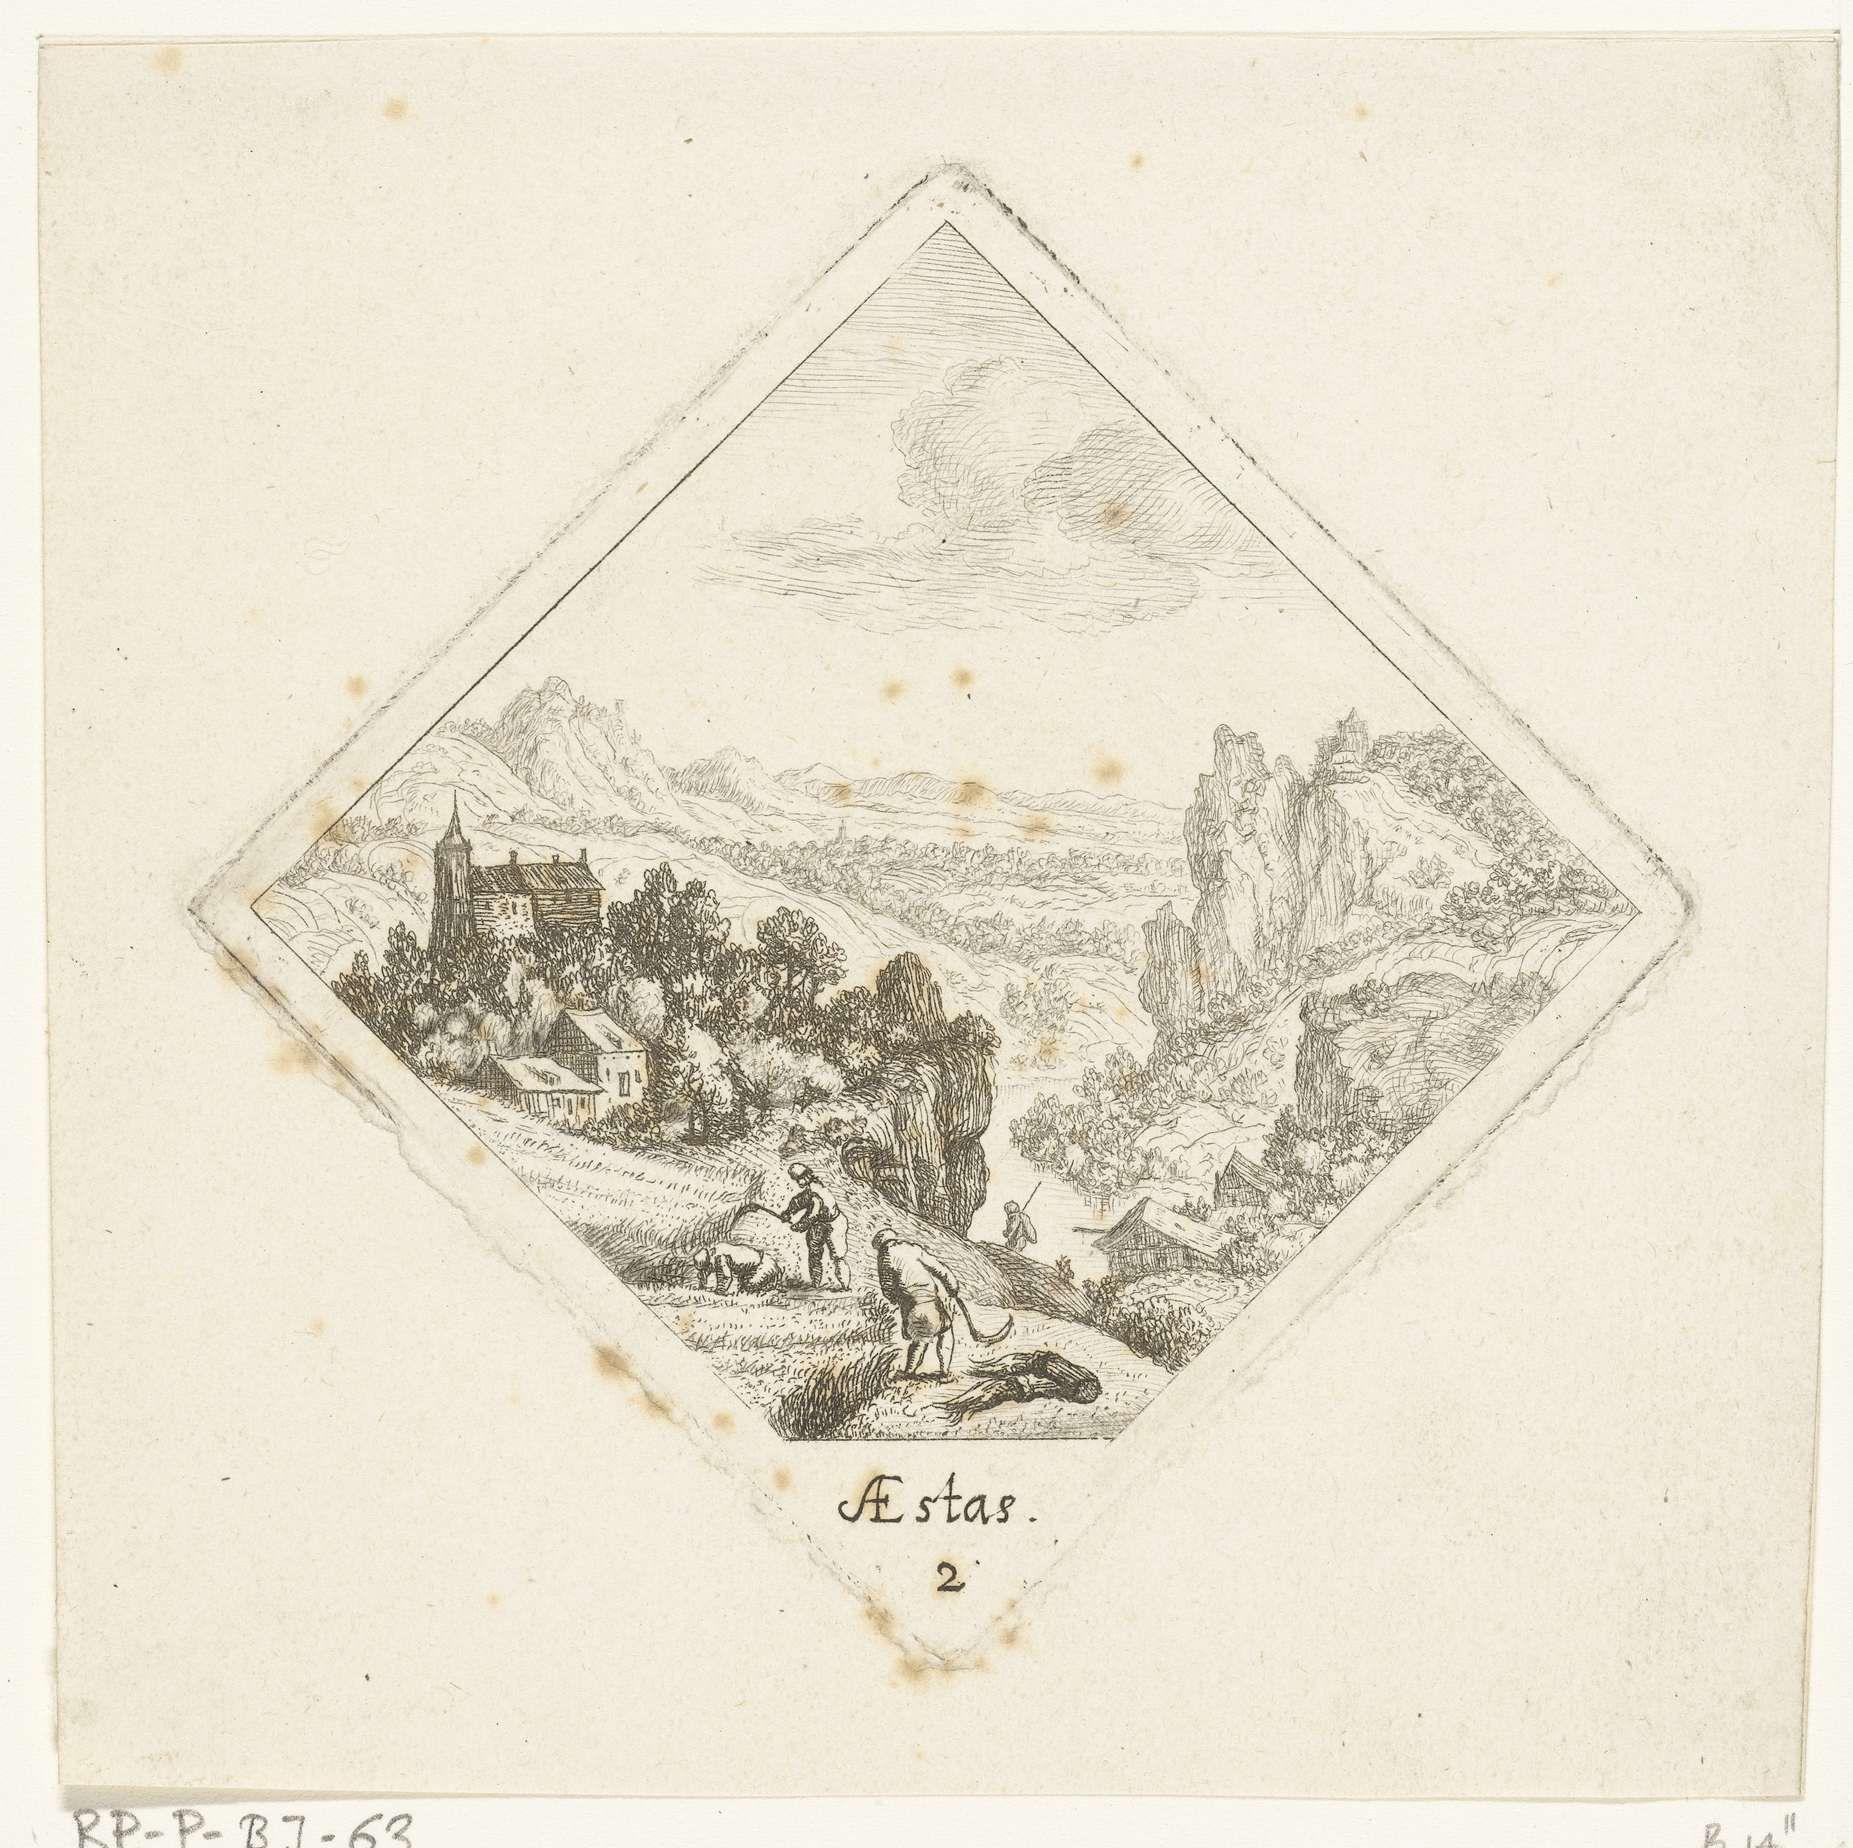 Jan van Almeloveen | Zomer, Jan van Almeloveen, Herman Saftleven, 1662 - 1683 | Twee mannen oogsten graan, op de achtergrond een berglandschap met links een dorp.